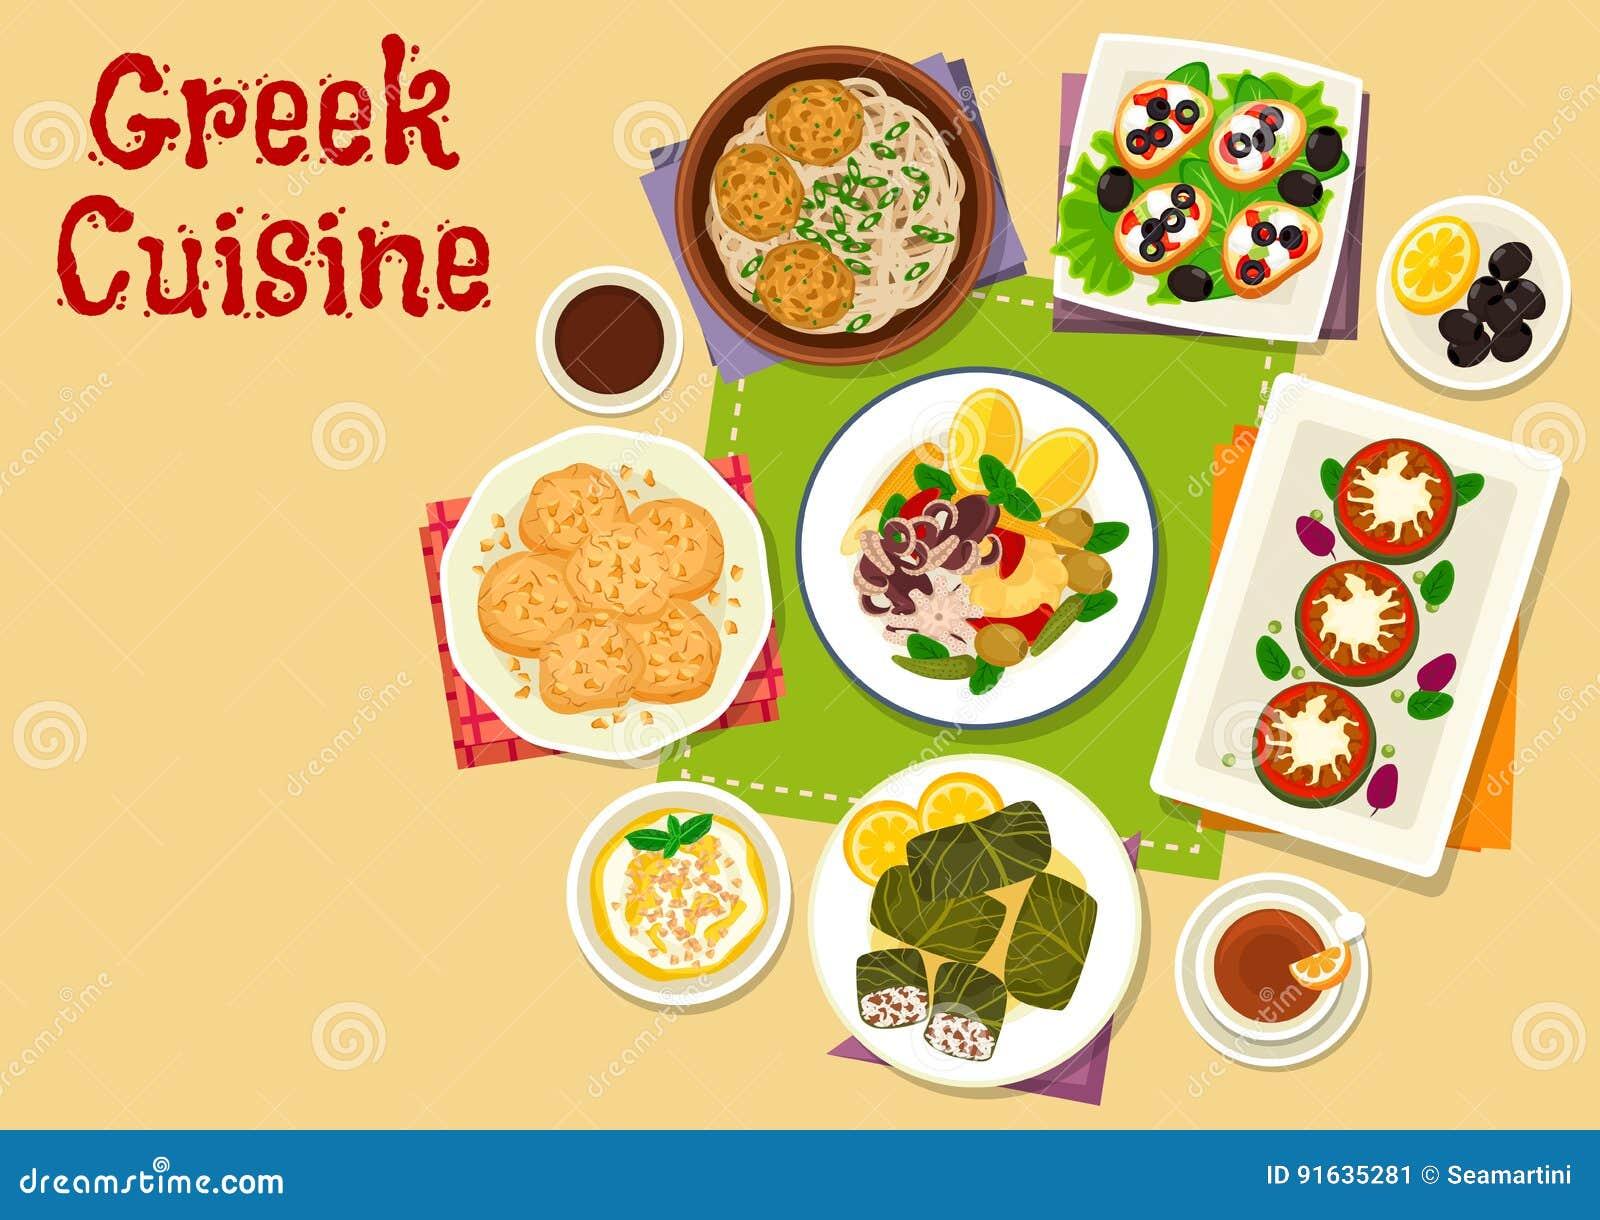 För disksymbol för grekisk kokkonst sund design